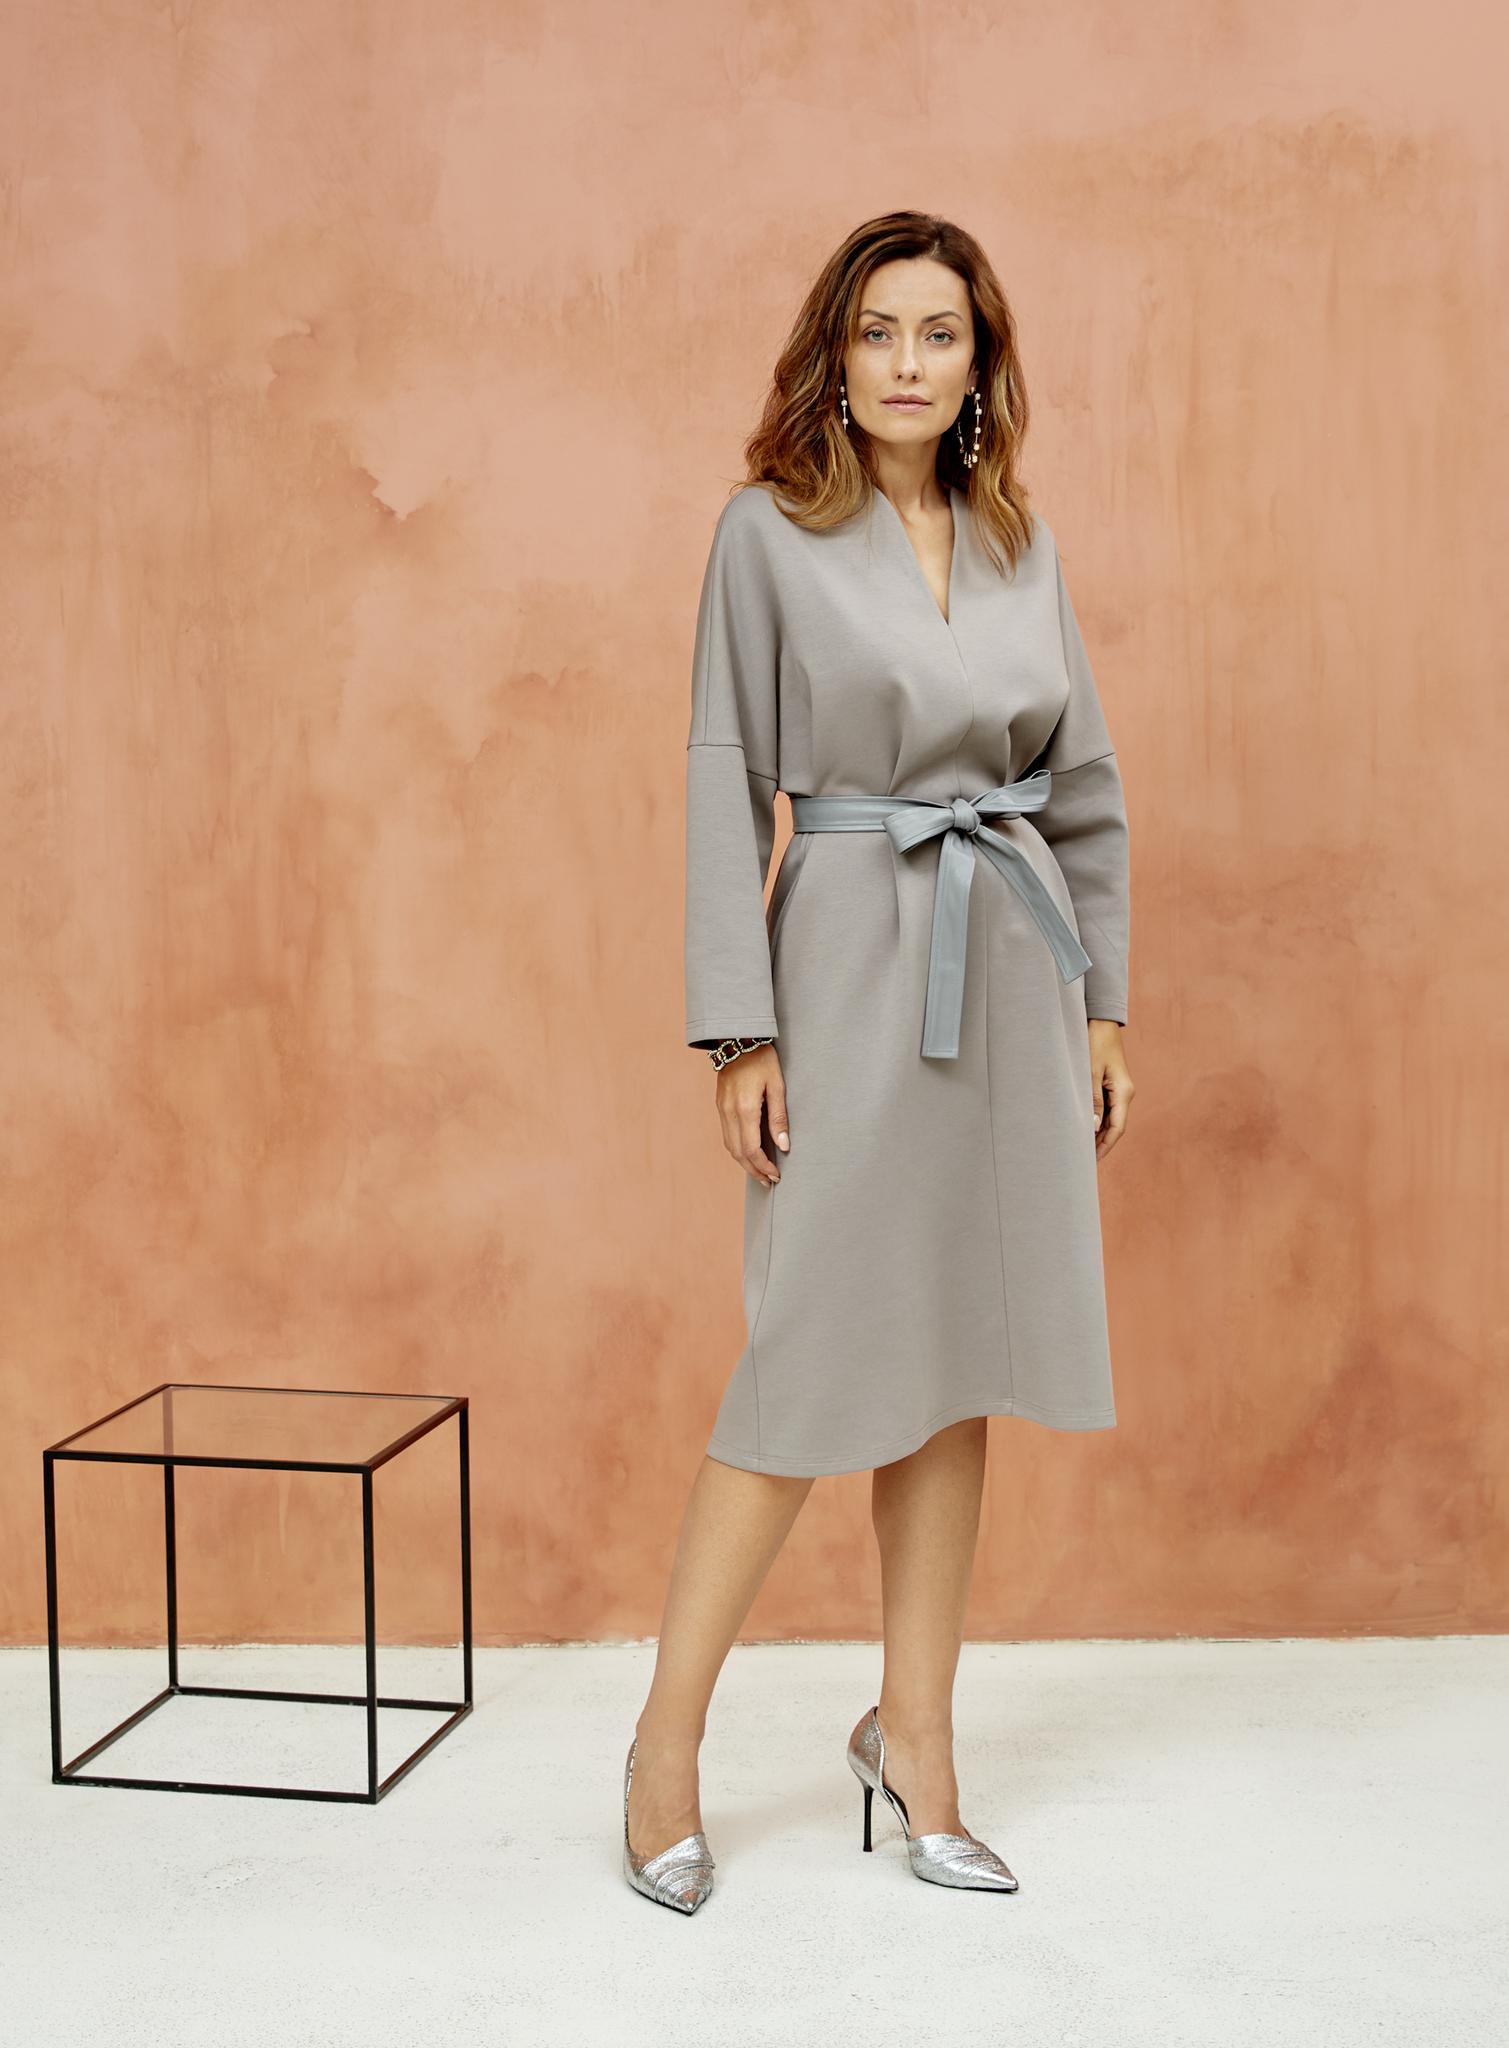 Платья Платье с пояском 20-1220 hassfashion-20-217138.jpg